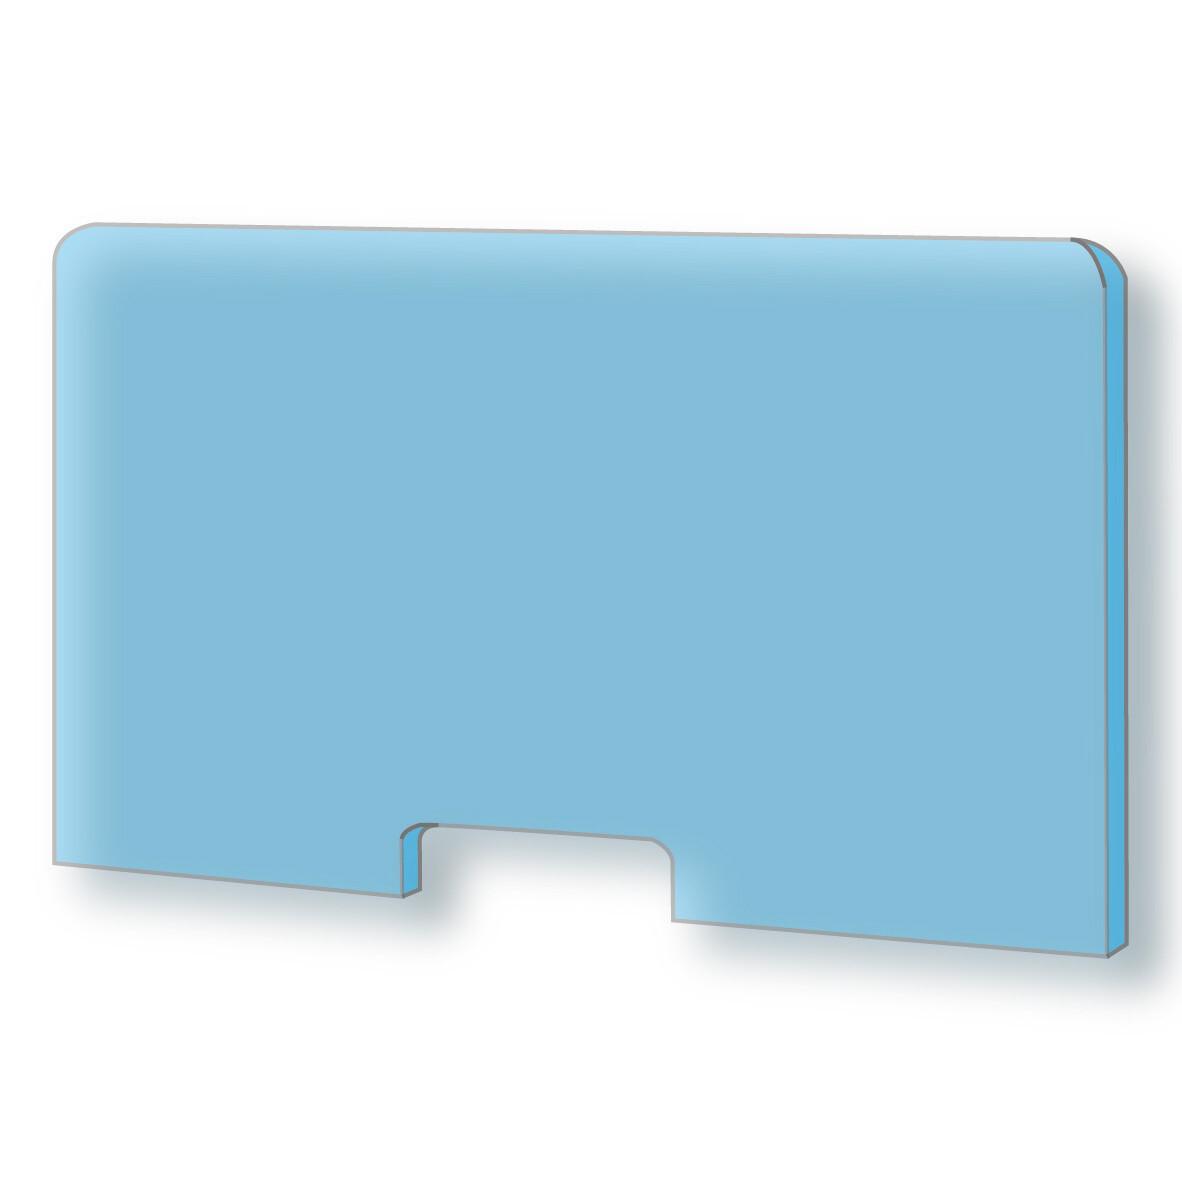 cloisons de protection anti contamination plexiglass 100 70 cm